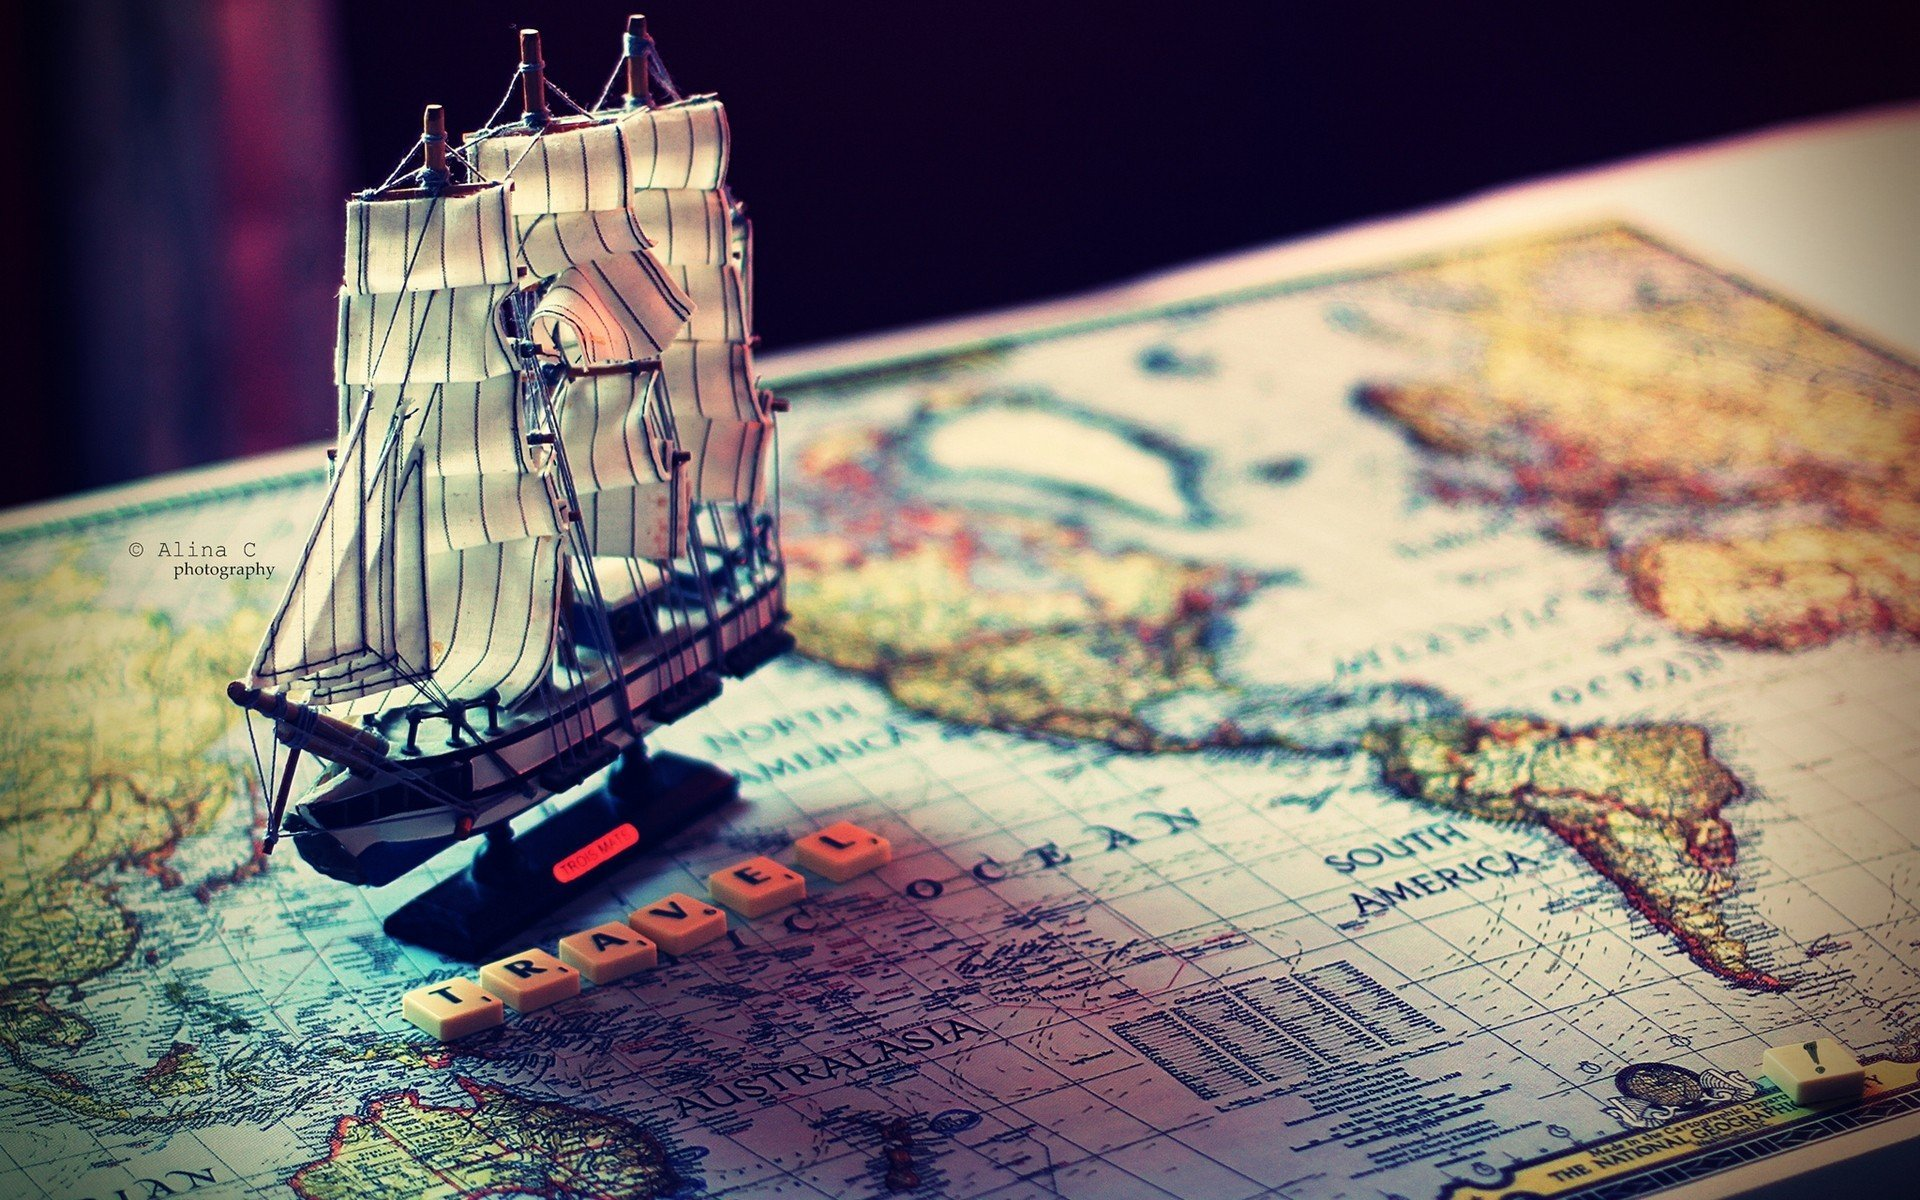 друзей, кругосветное путешествие в картинках турцию